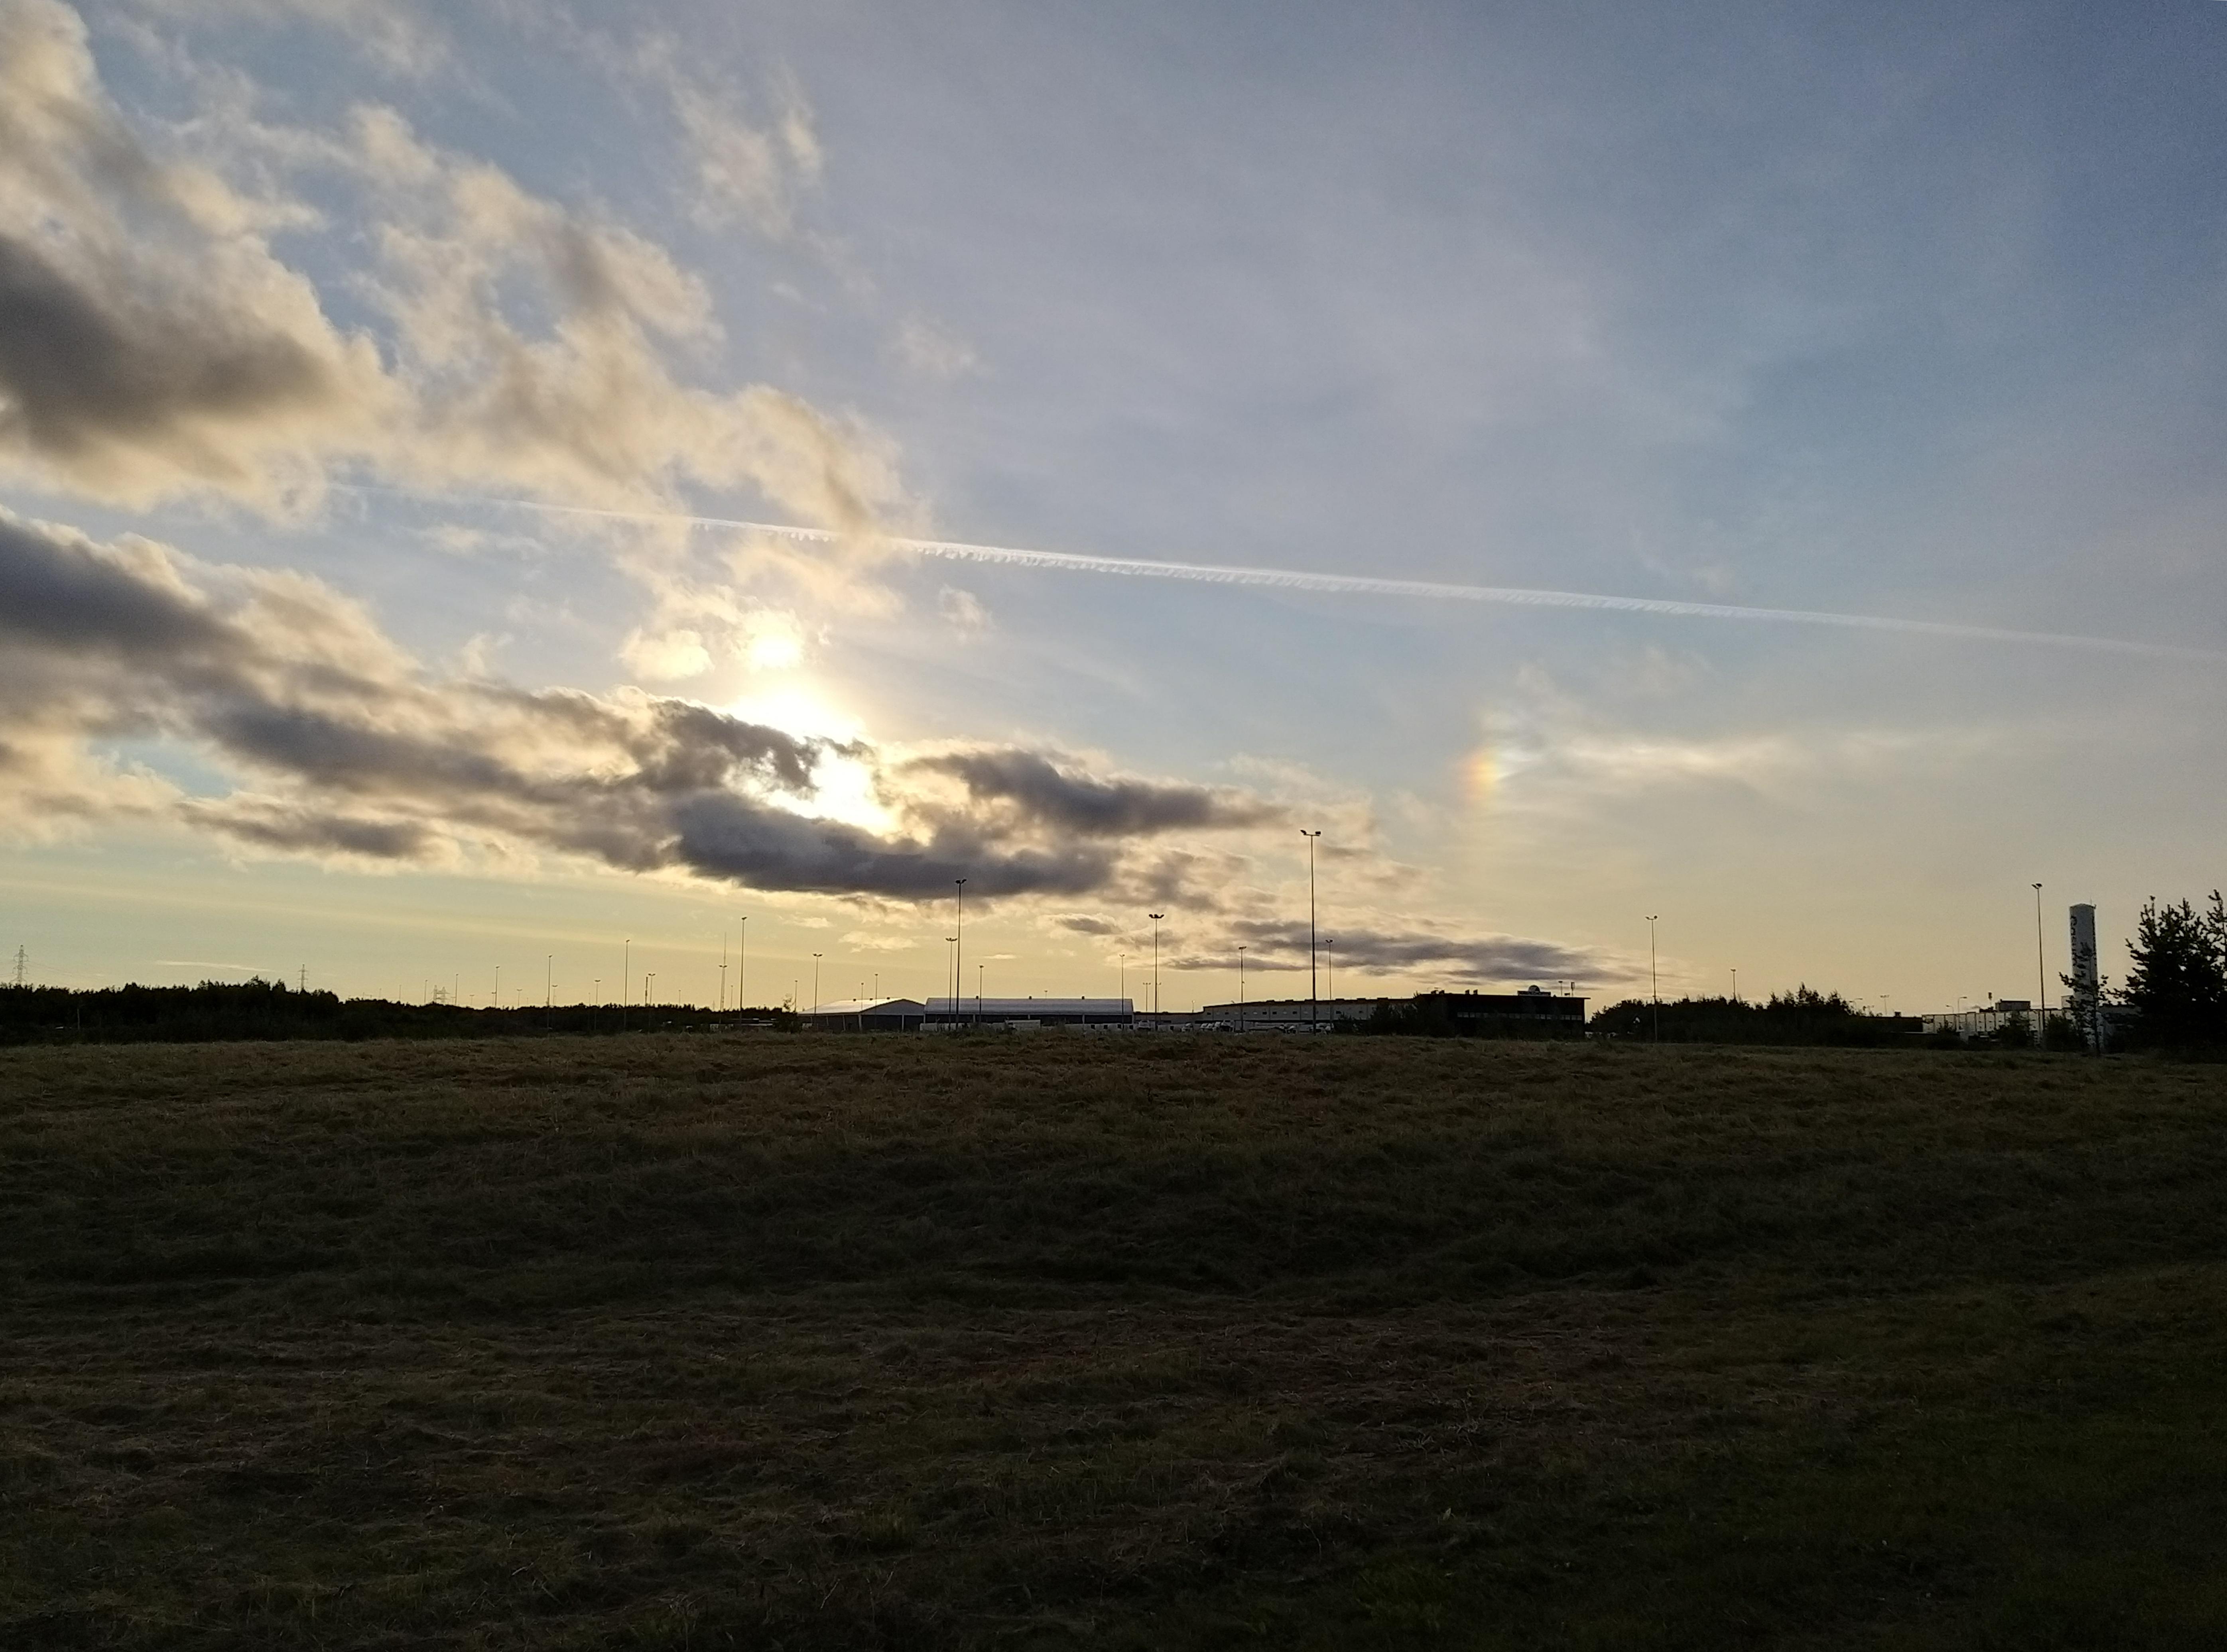 Aurinko pilvien takana, hallimaiseman yllä. Auringosta oikealle puna- ja sinisävyinen sivuaurinko.